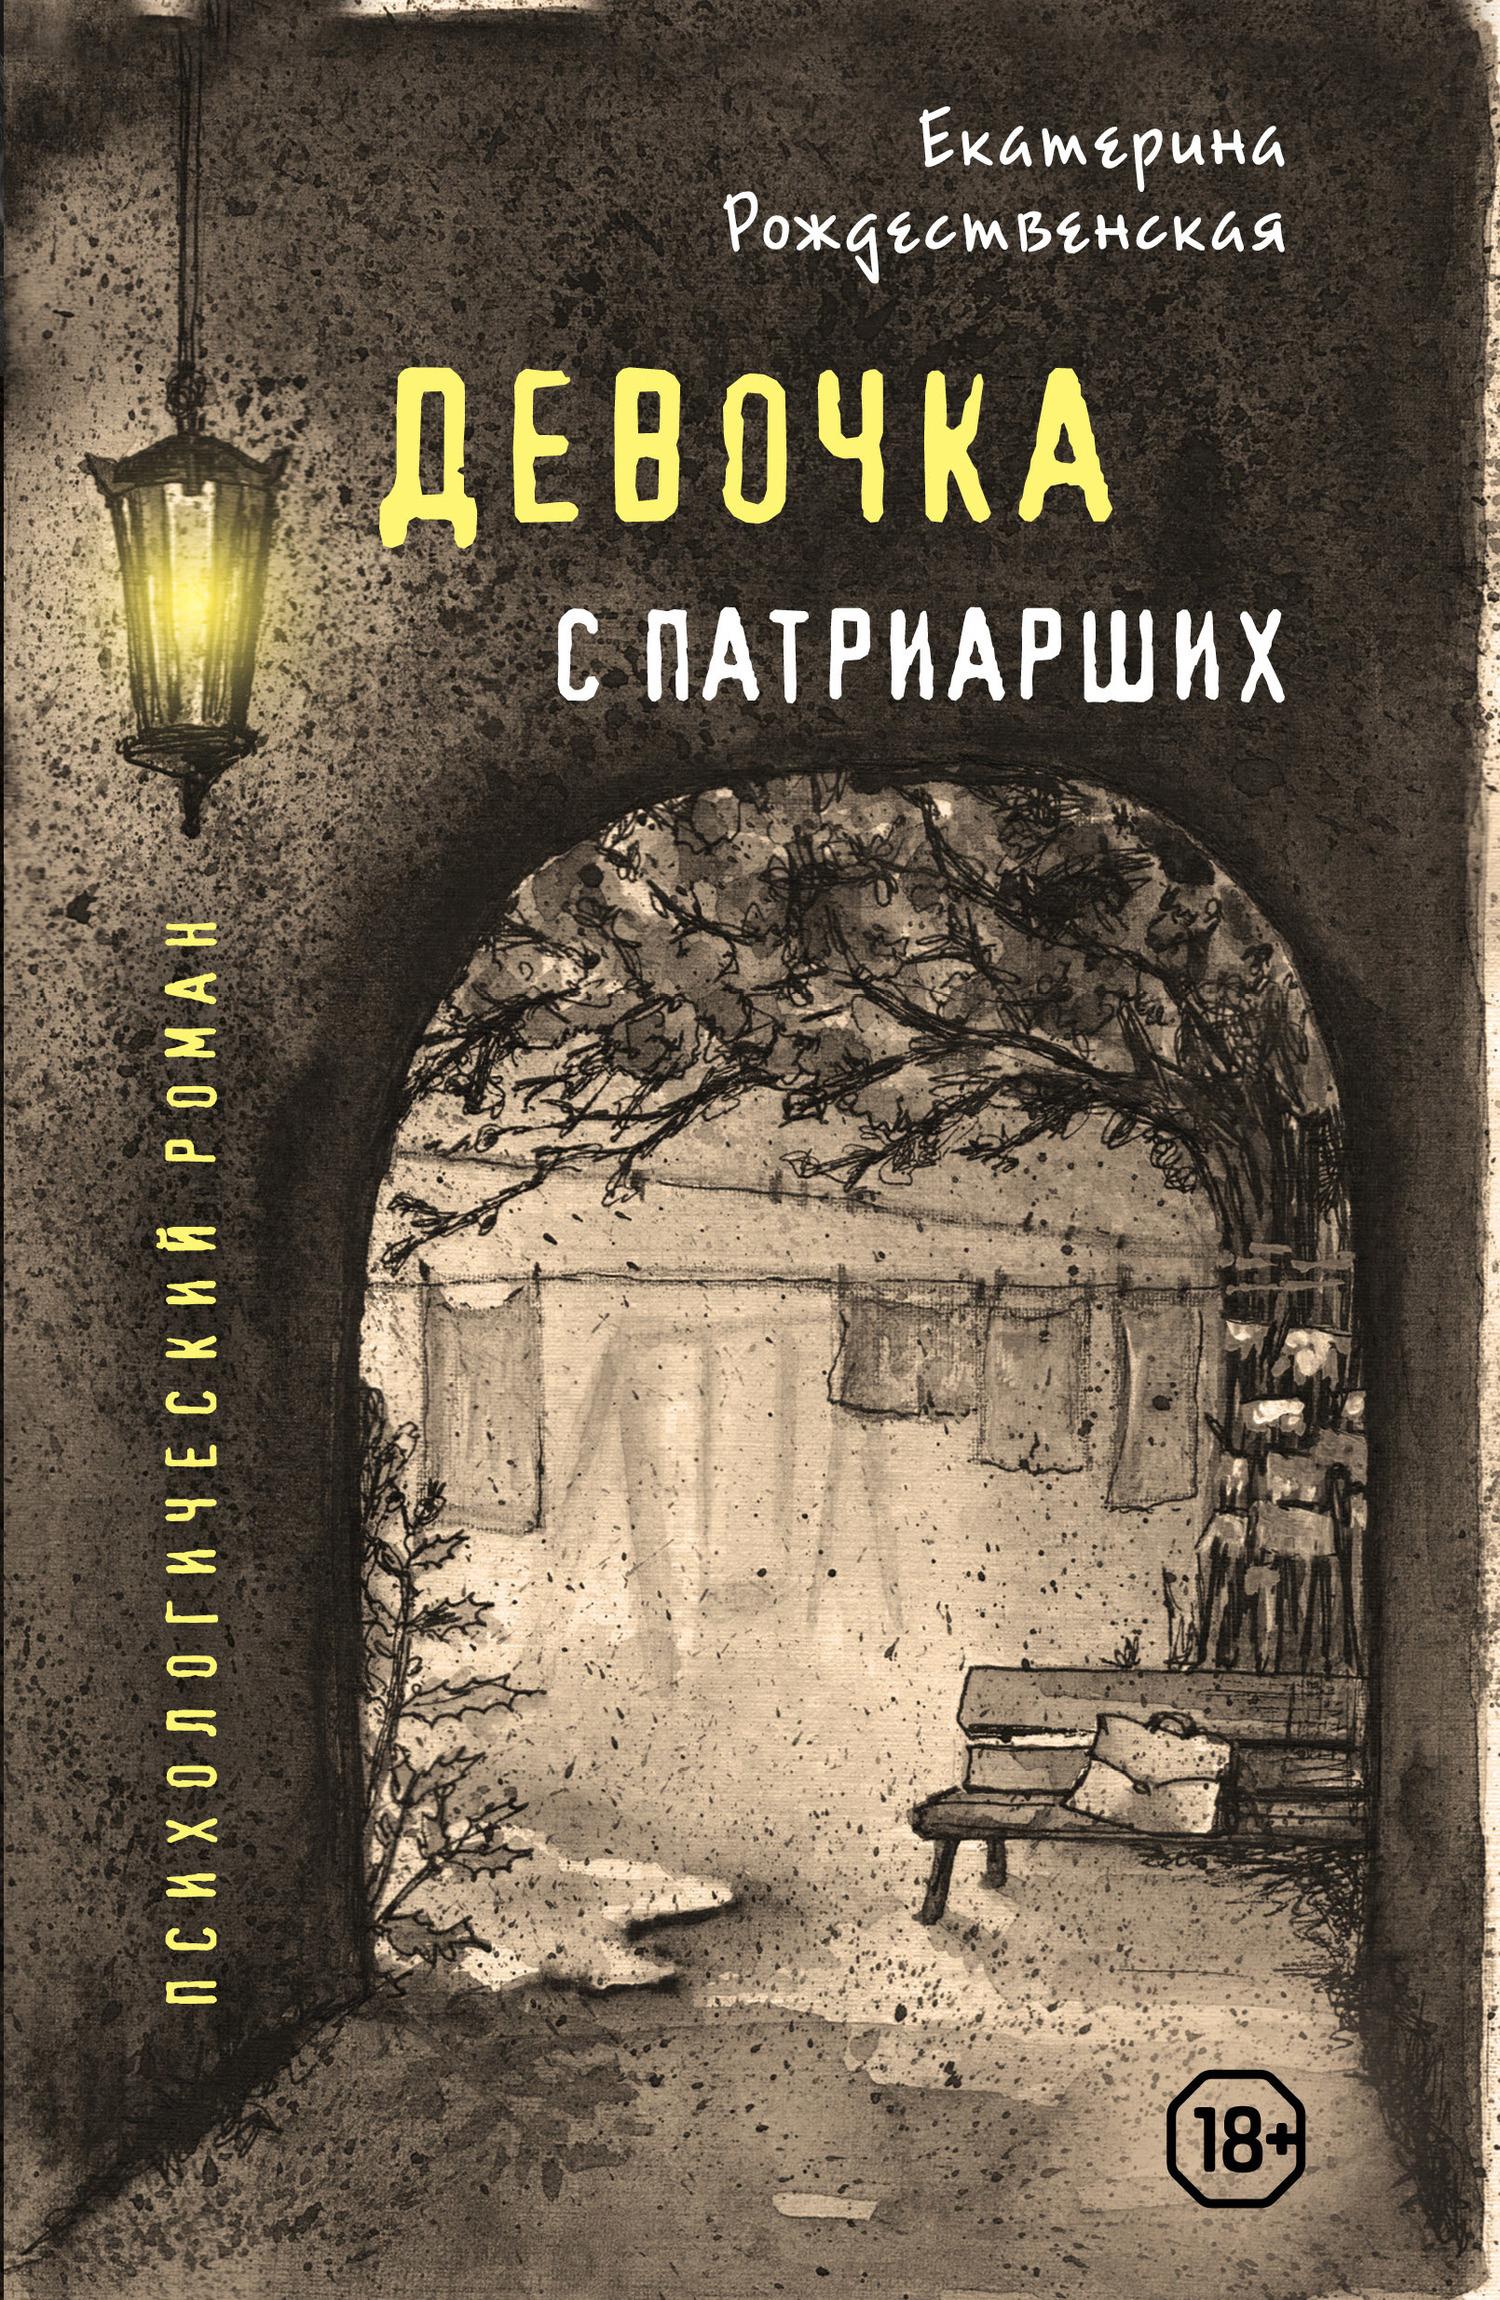 Екатерина Рождественская - Девочка с Патриарших